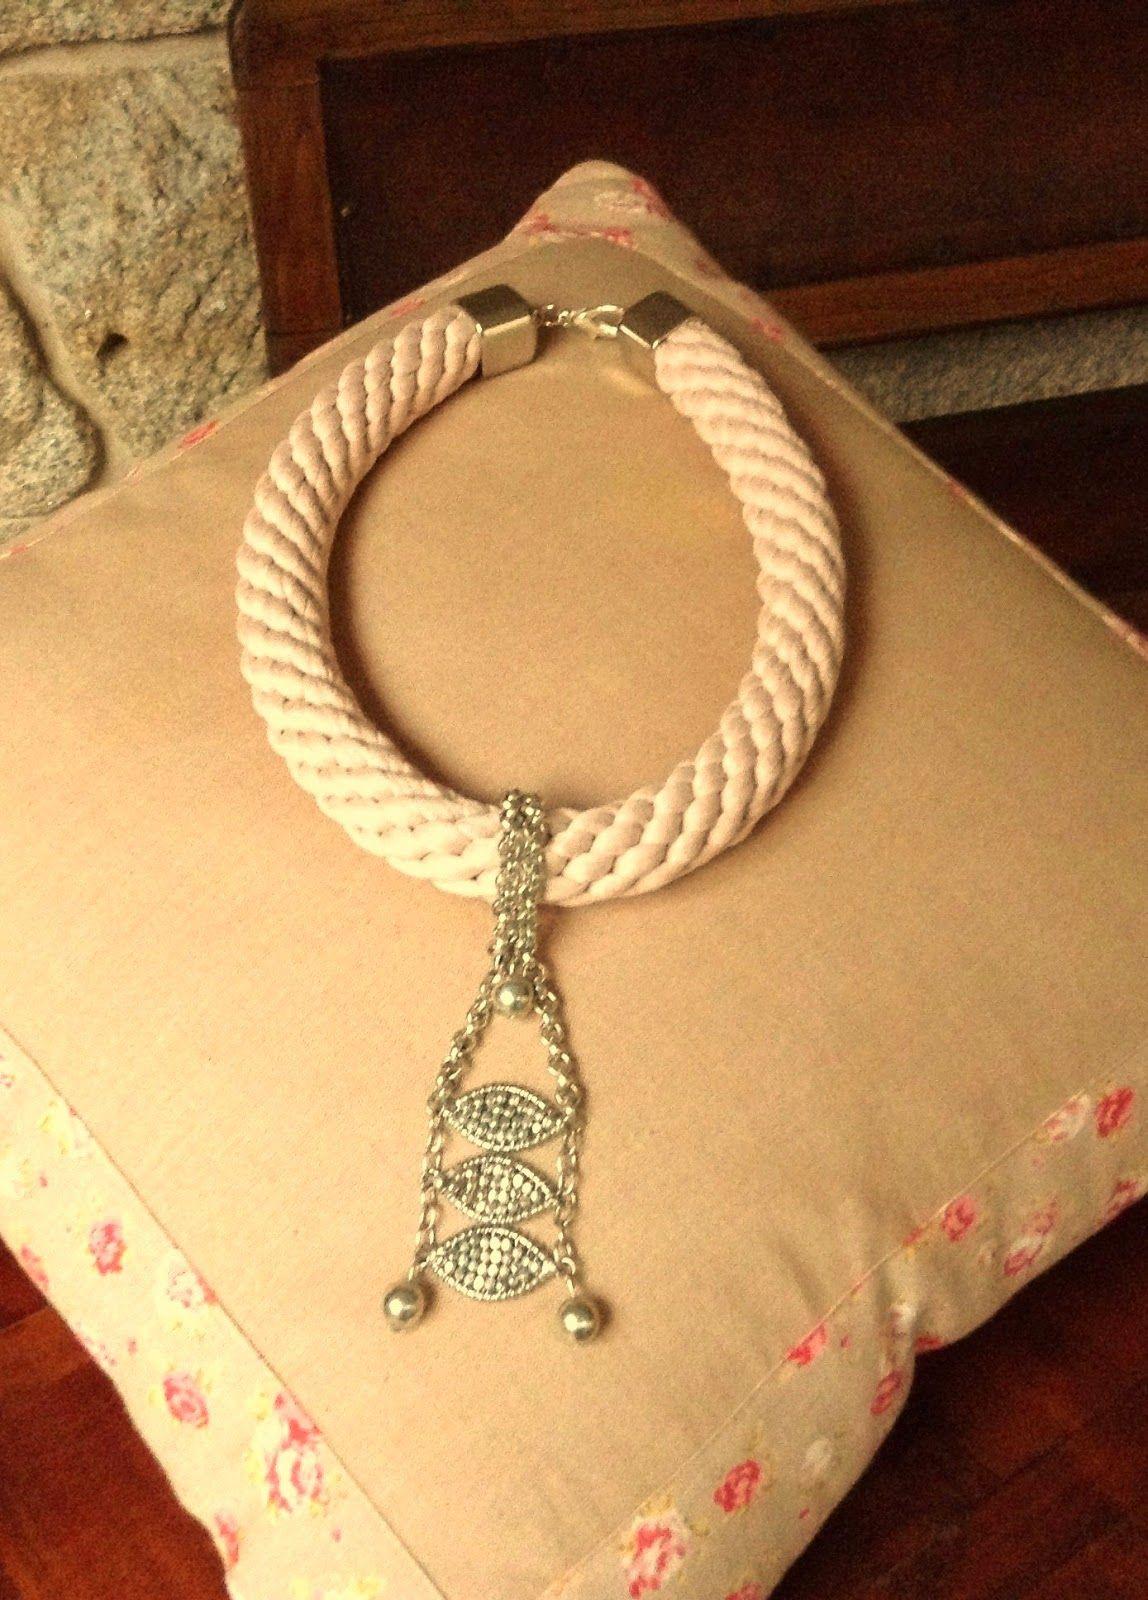 Gargantilla de cordón en rosa palo con apliques y cierre metálico en color plata